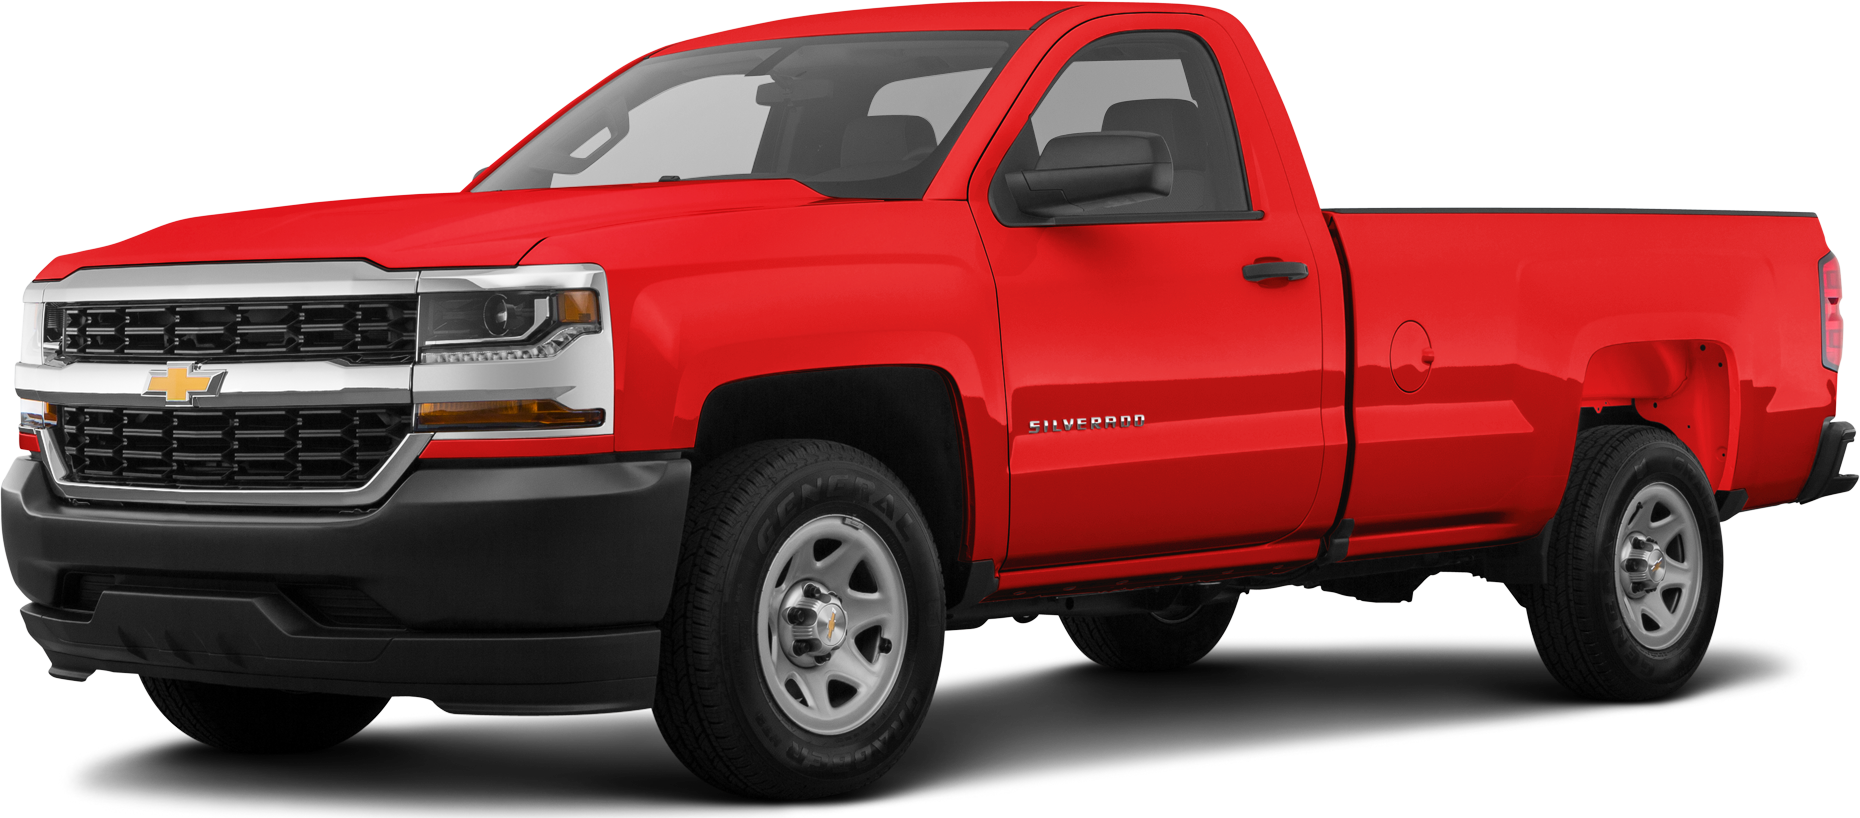 2018 Chevrolet Silverado 1500 Values Cars For Sale Kelley Blue Book